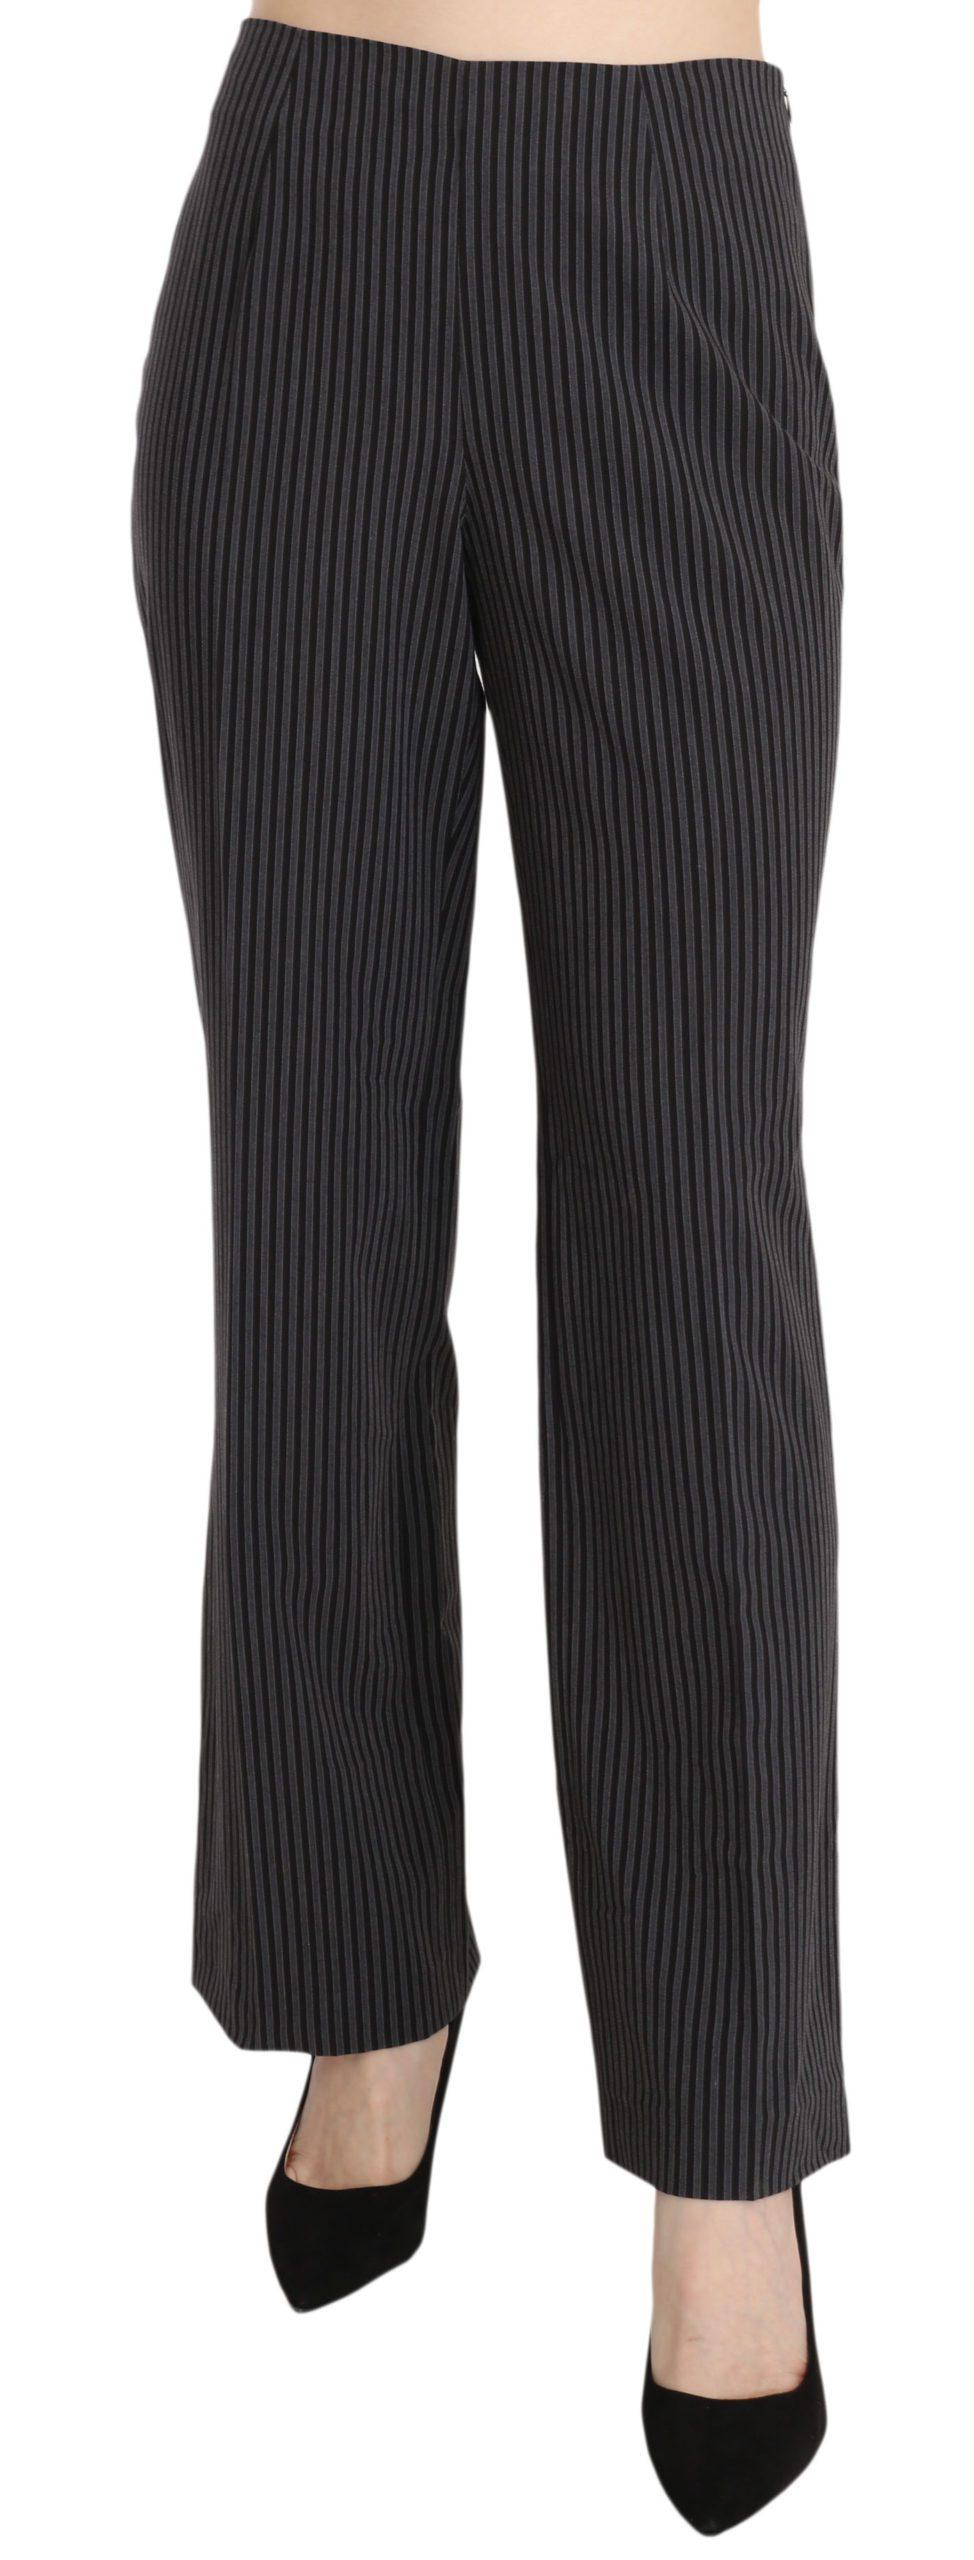 BENCIVENGA Women's Striped Cotton Sretch Dress Trouser Black PAN70094 - IT42|M